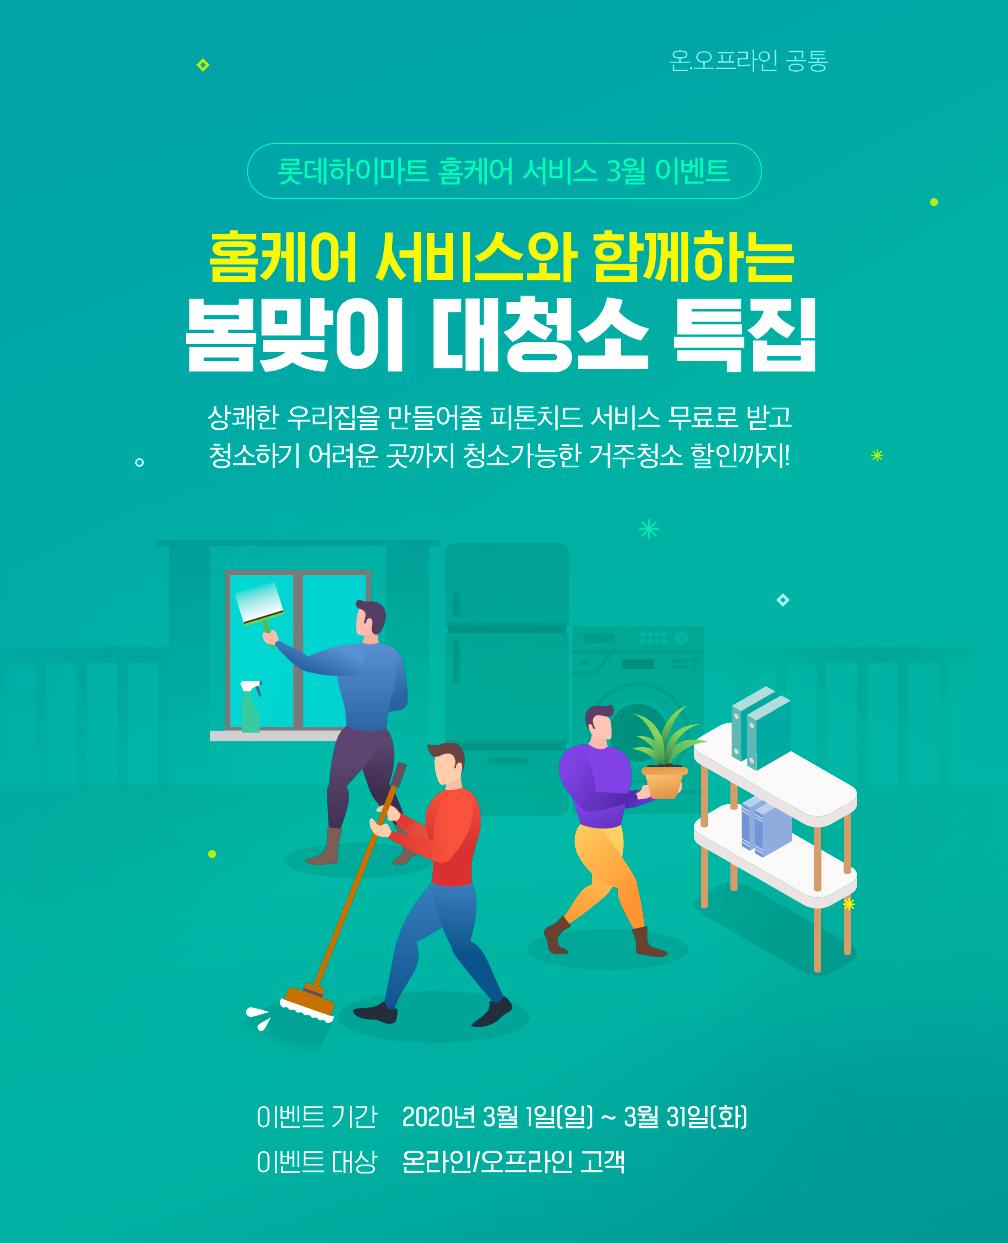 롯데하이마트 홈케어 서비스 3월 이벤트, 홈케어 서비스와 함께하는 봄맞이 대청소 특집